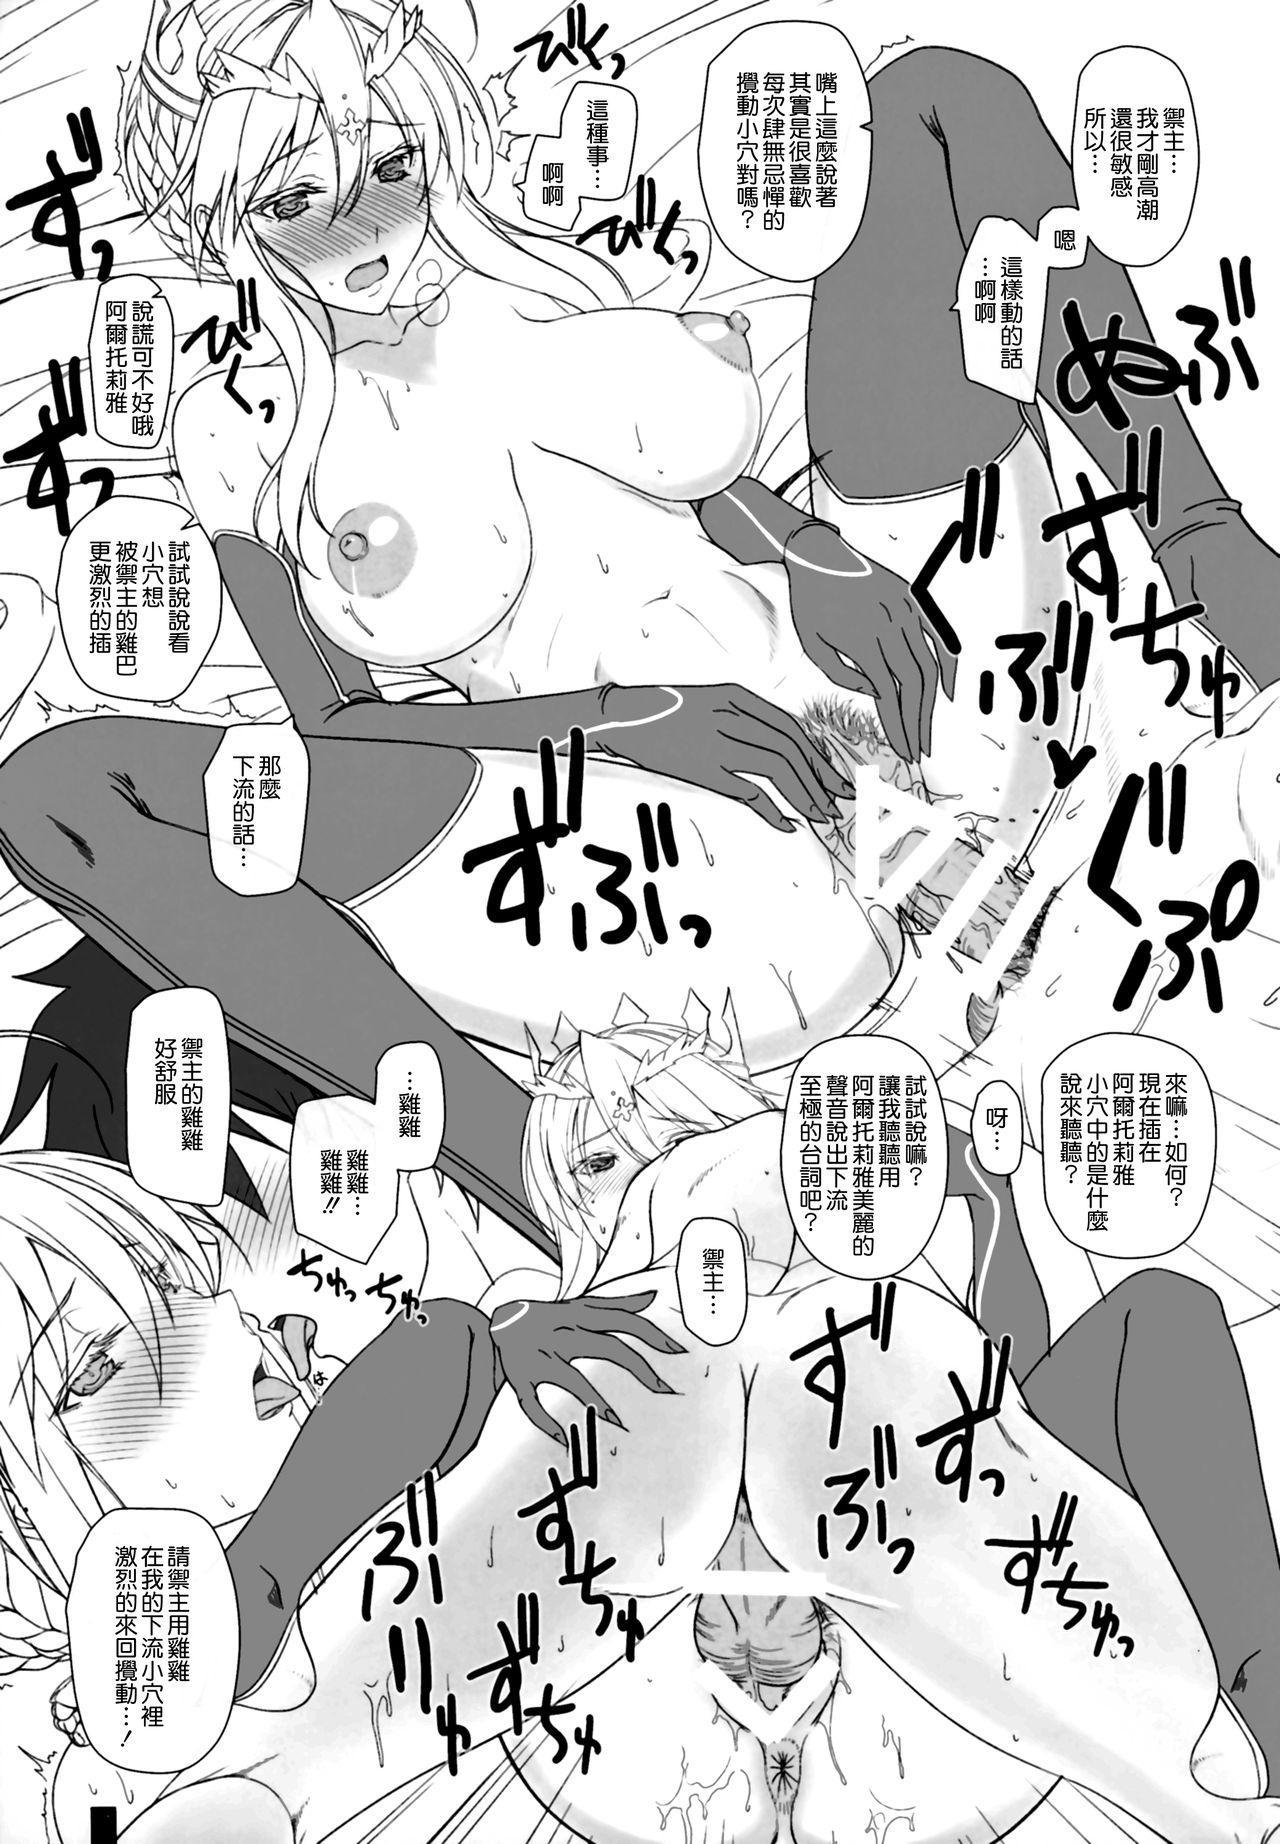 Otsukare na Master o Watashi ga Iyashite Agetai. 20